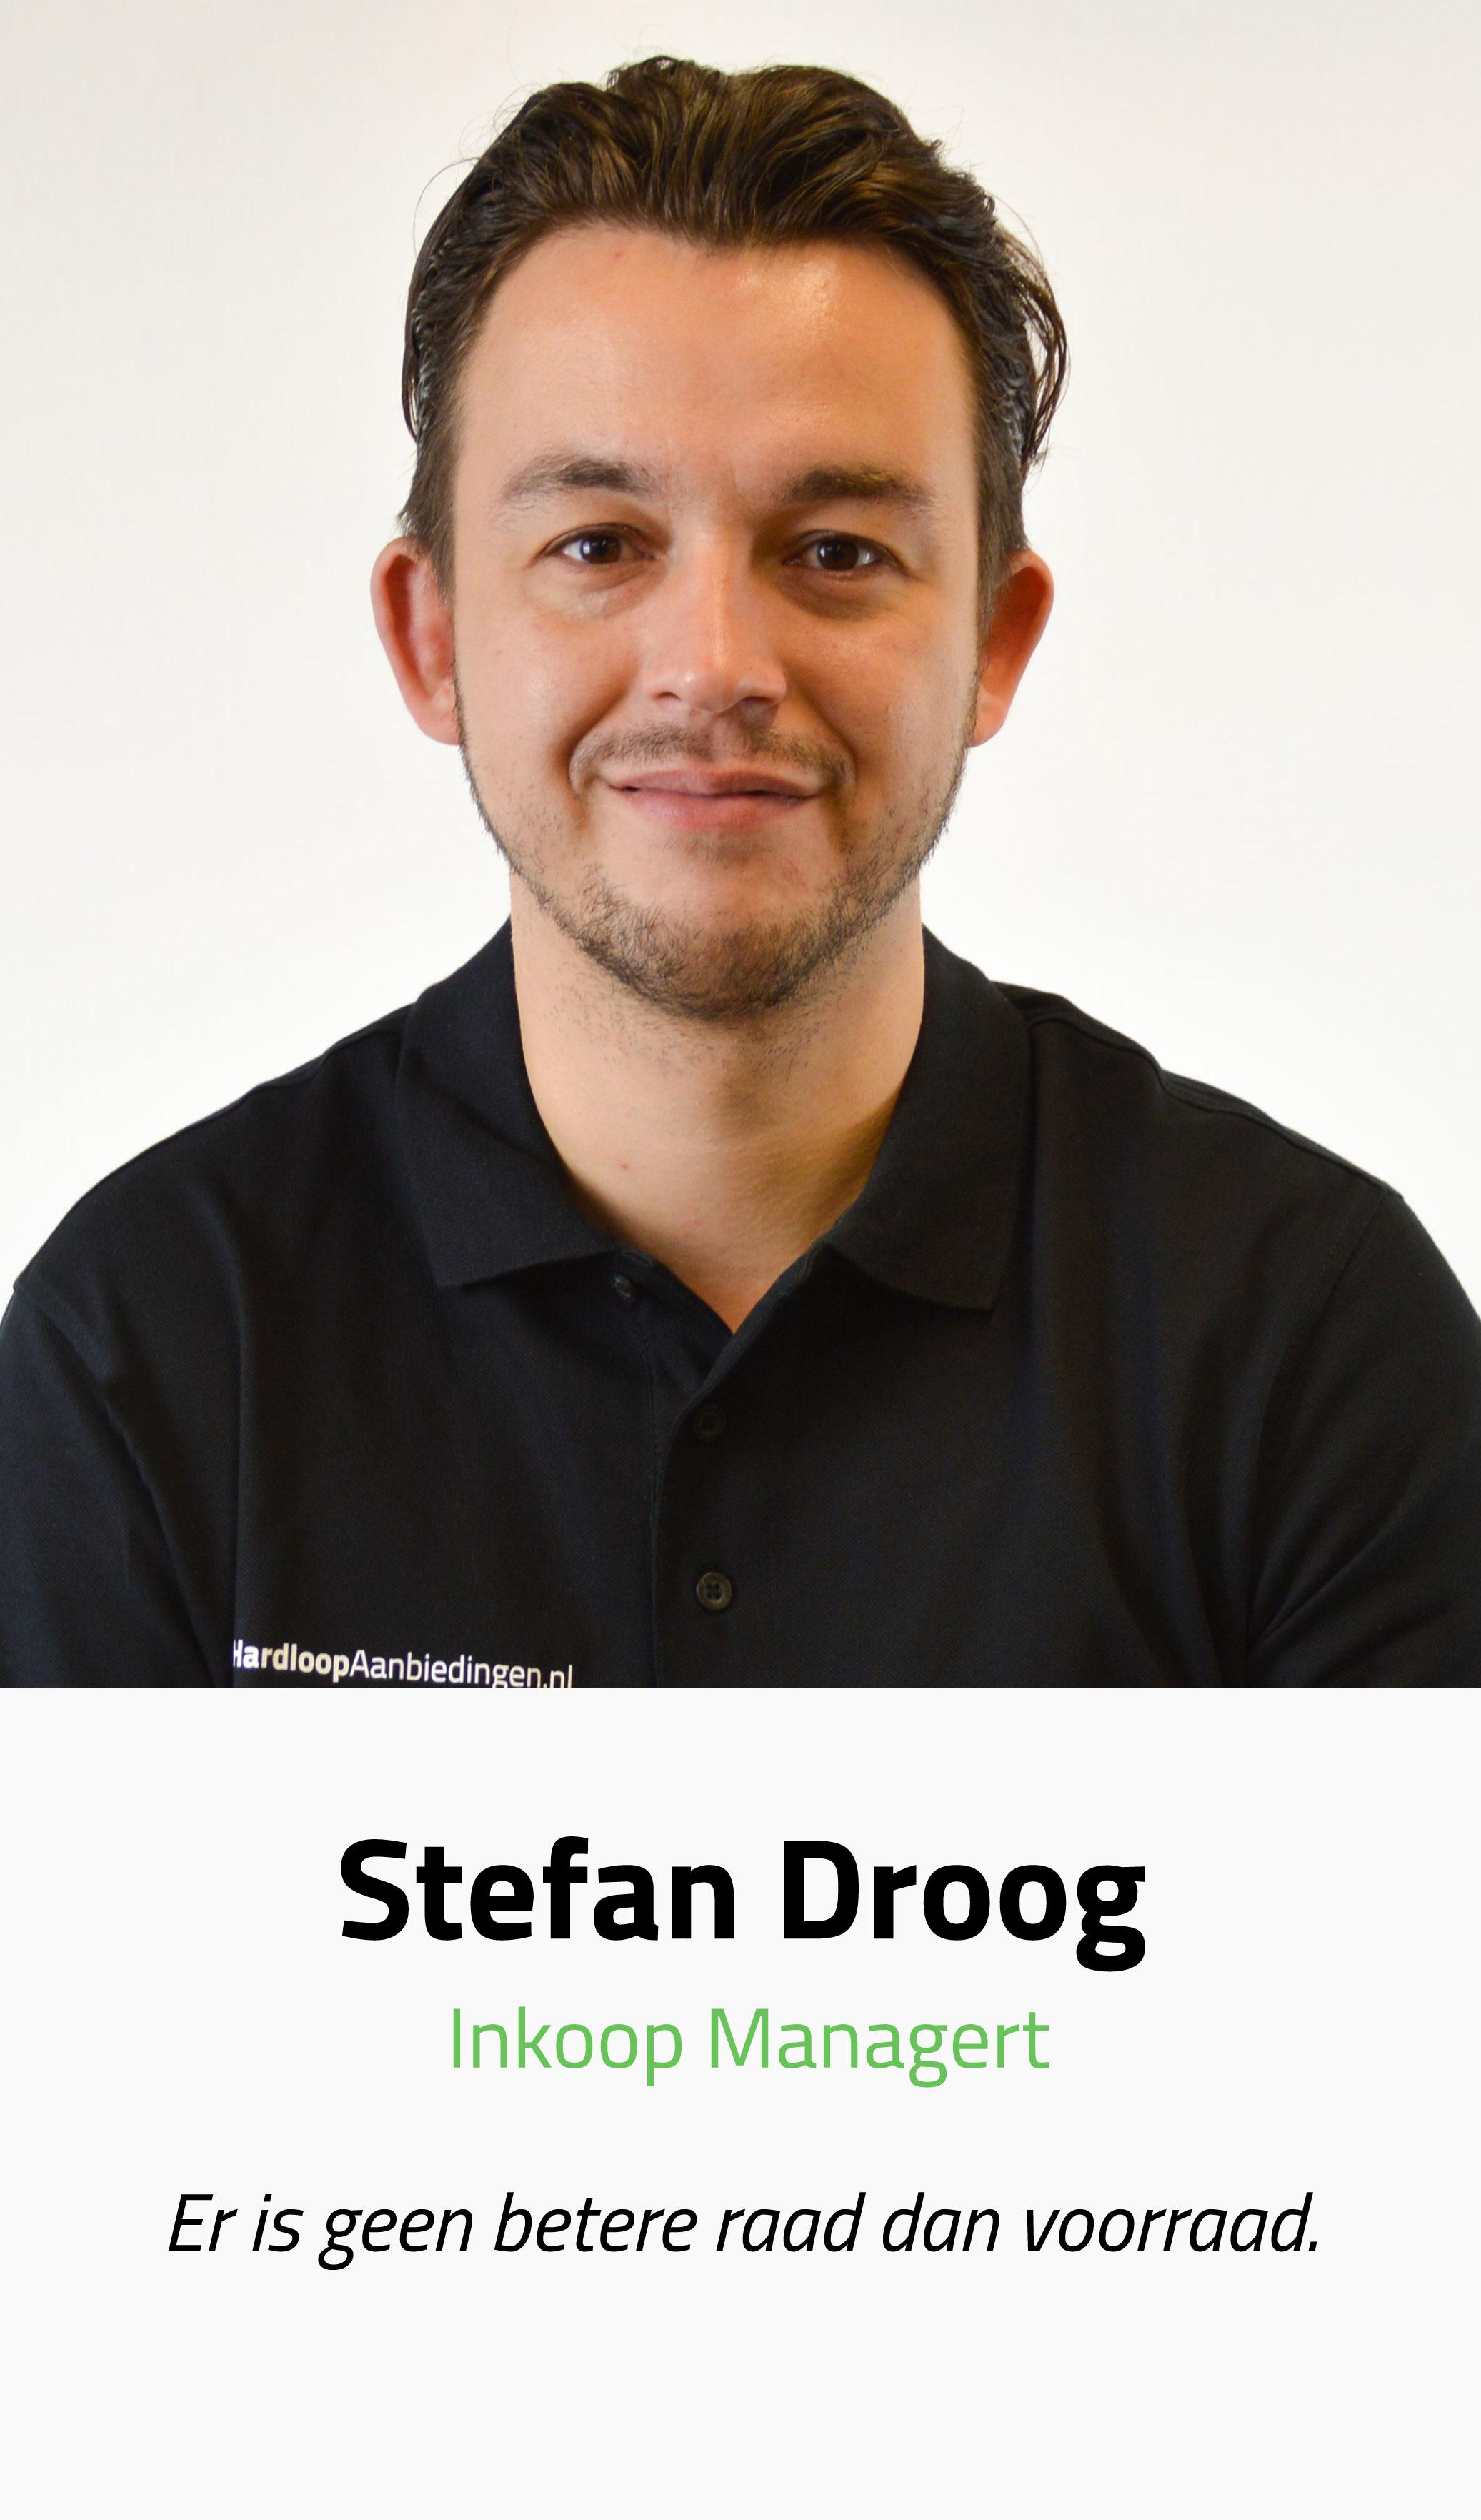 Stefan | Hardloopaanbiedingen.nl